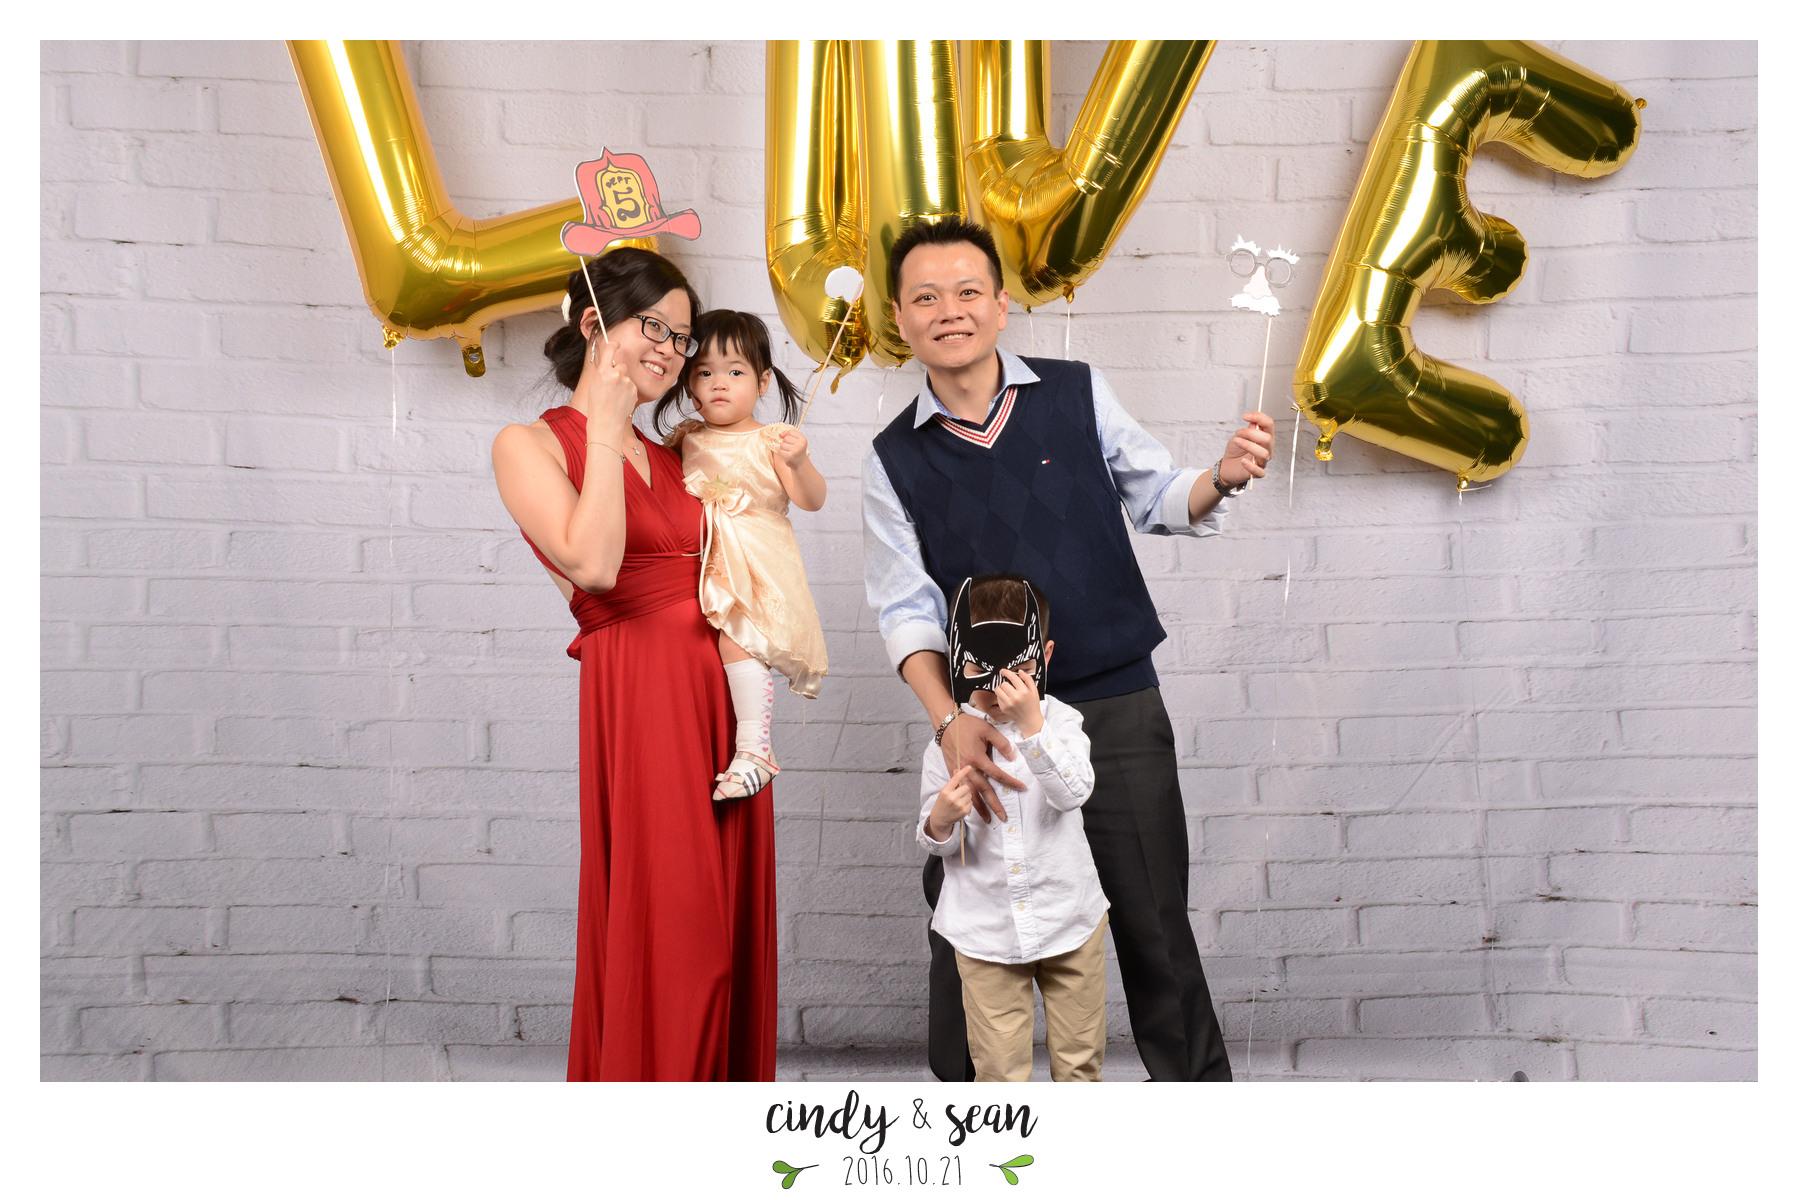 Cindy Sean Bae - 0001-172.jpg